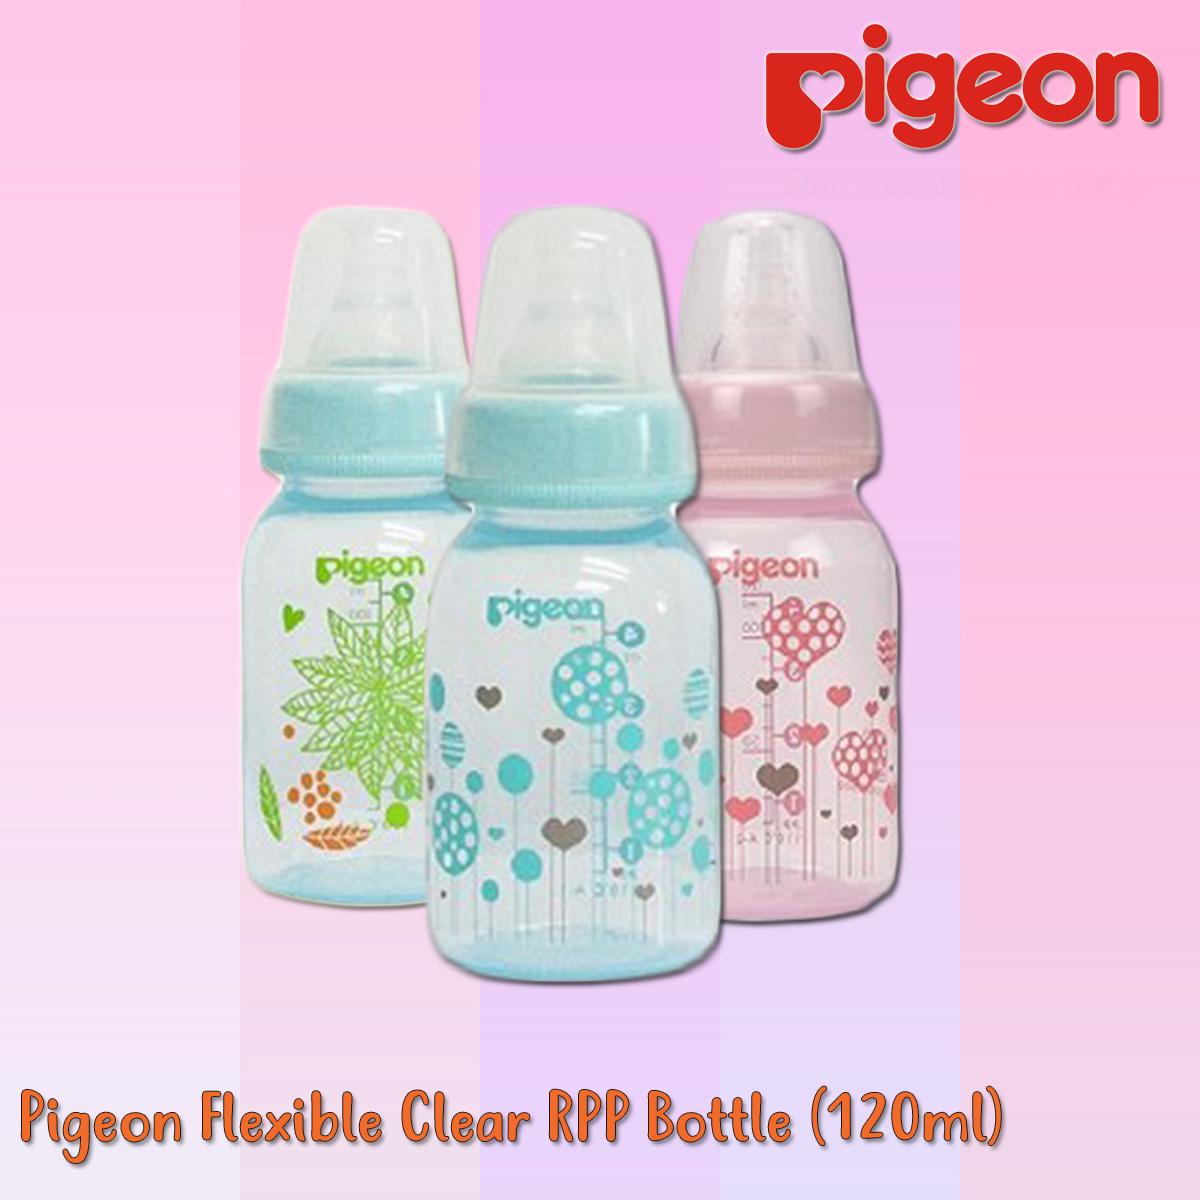 Pigeon Flexible Clear RPP Bottle (120ml).jpg